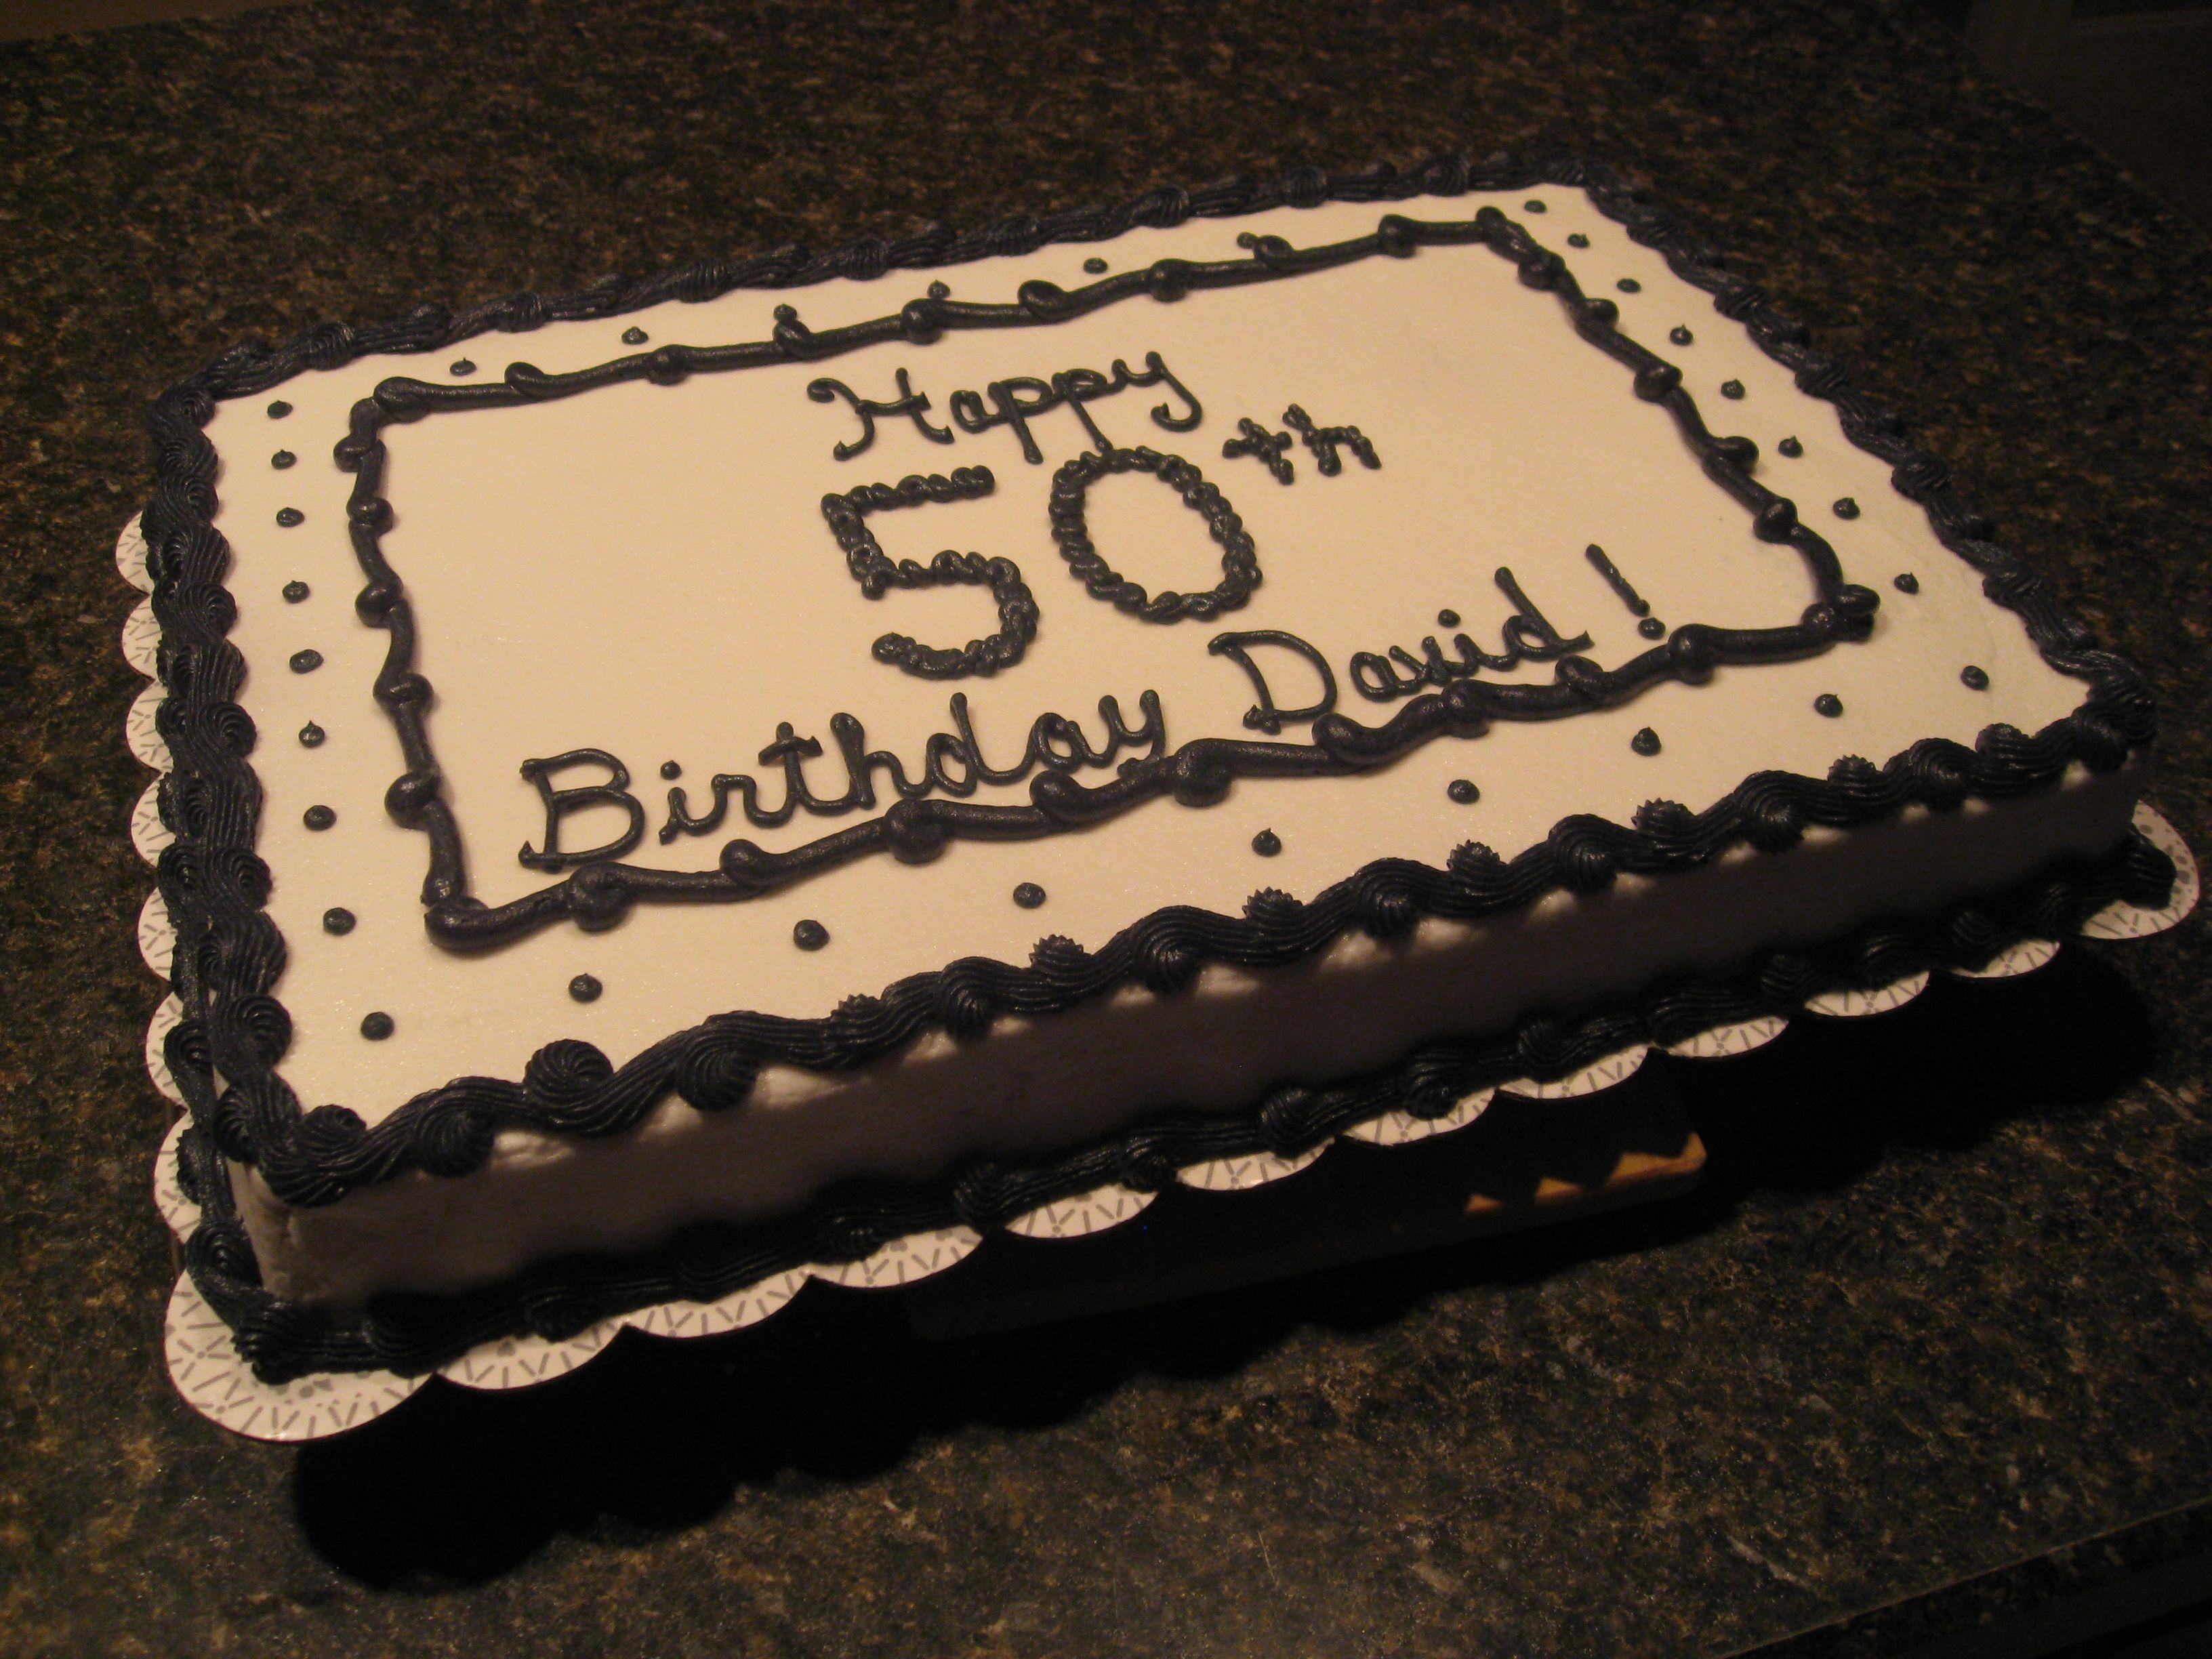 50th Birthday Cake 50th Birthday Cake Birthday Sheet Cakes